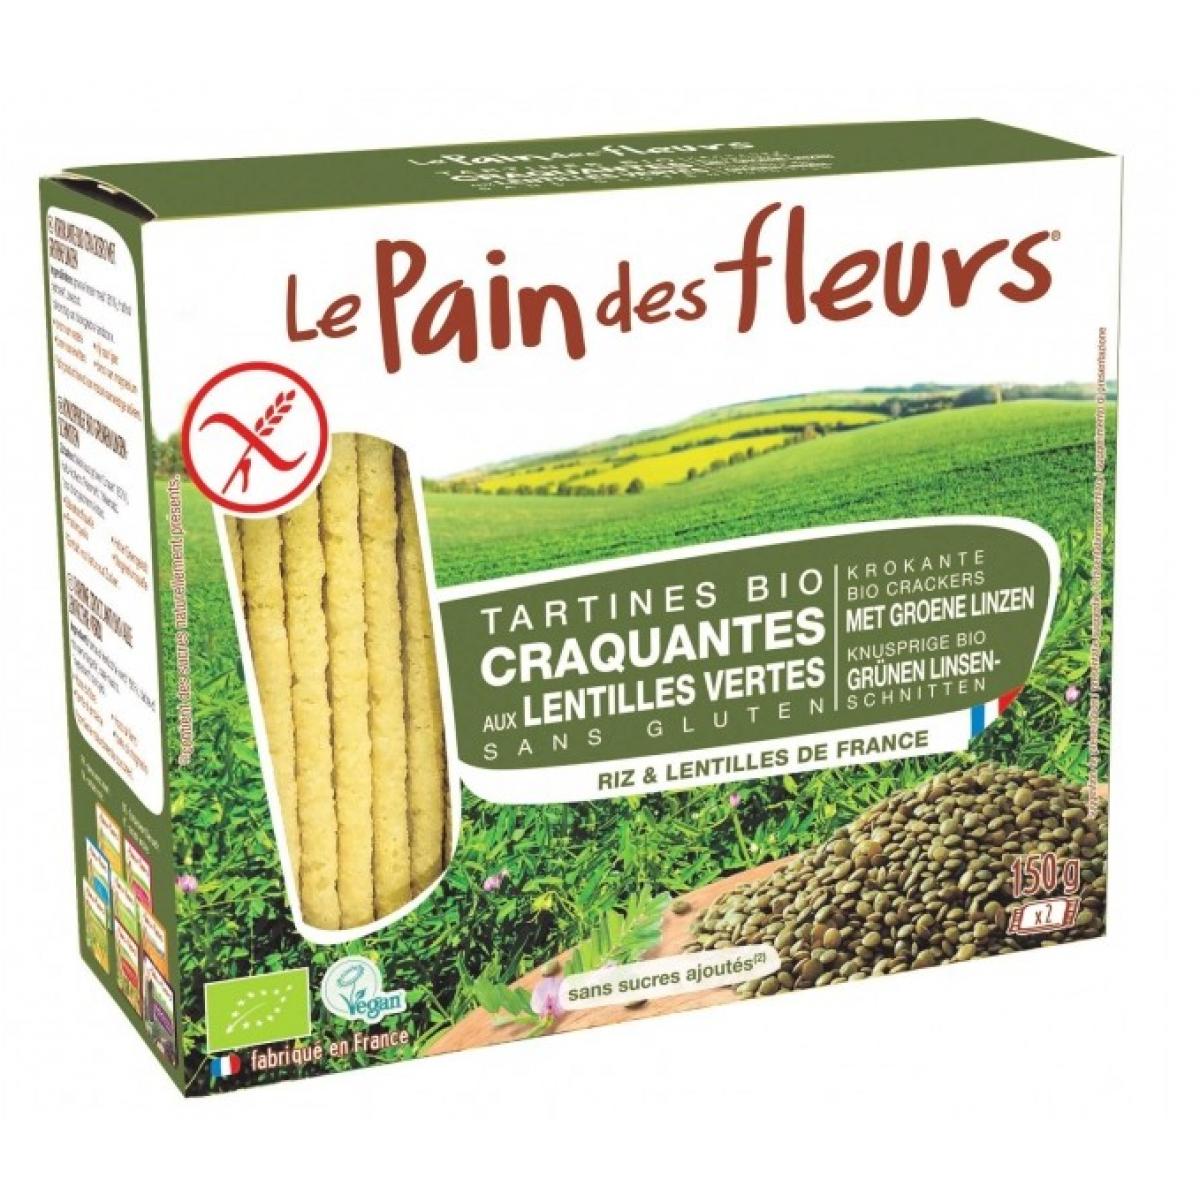 Groene Linzen Crackers